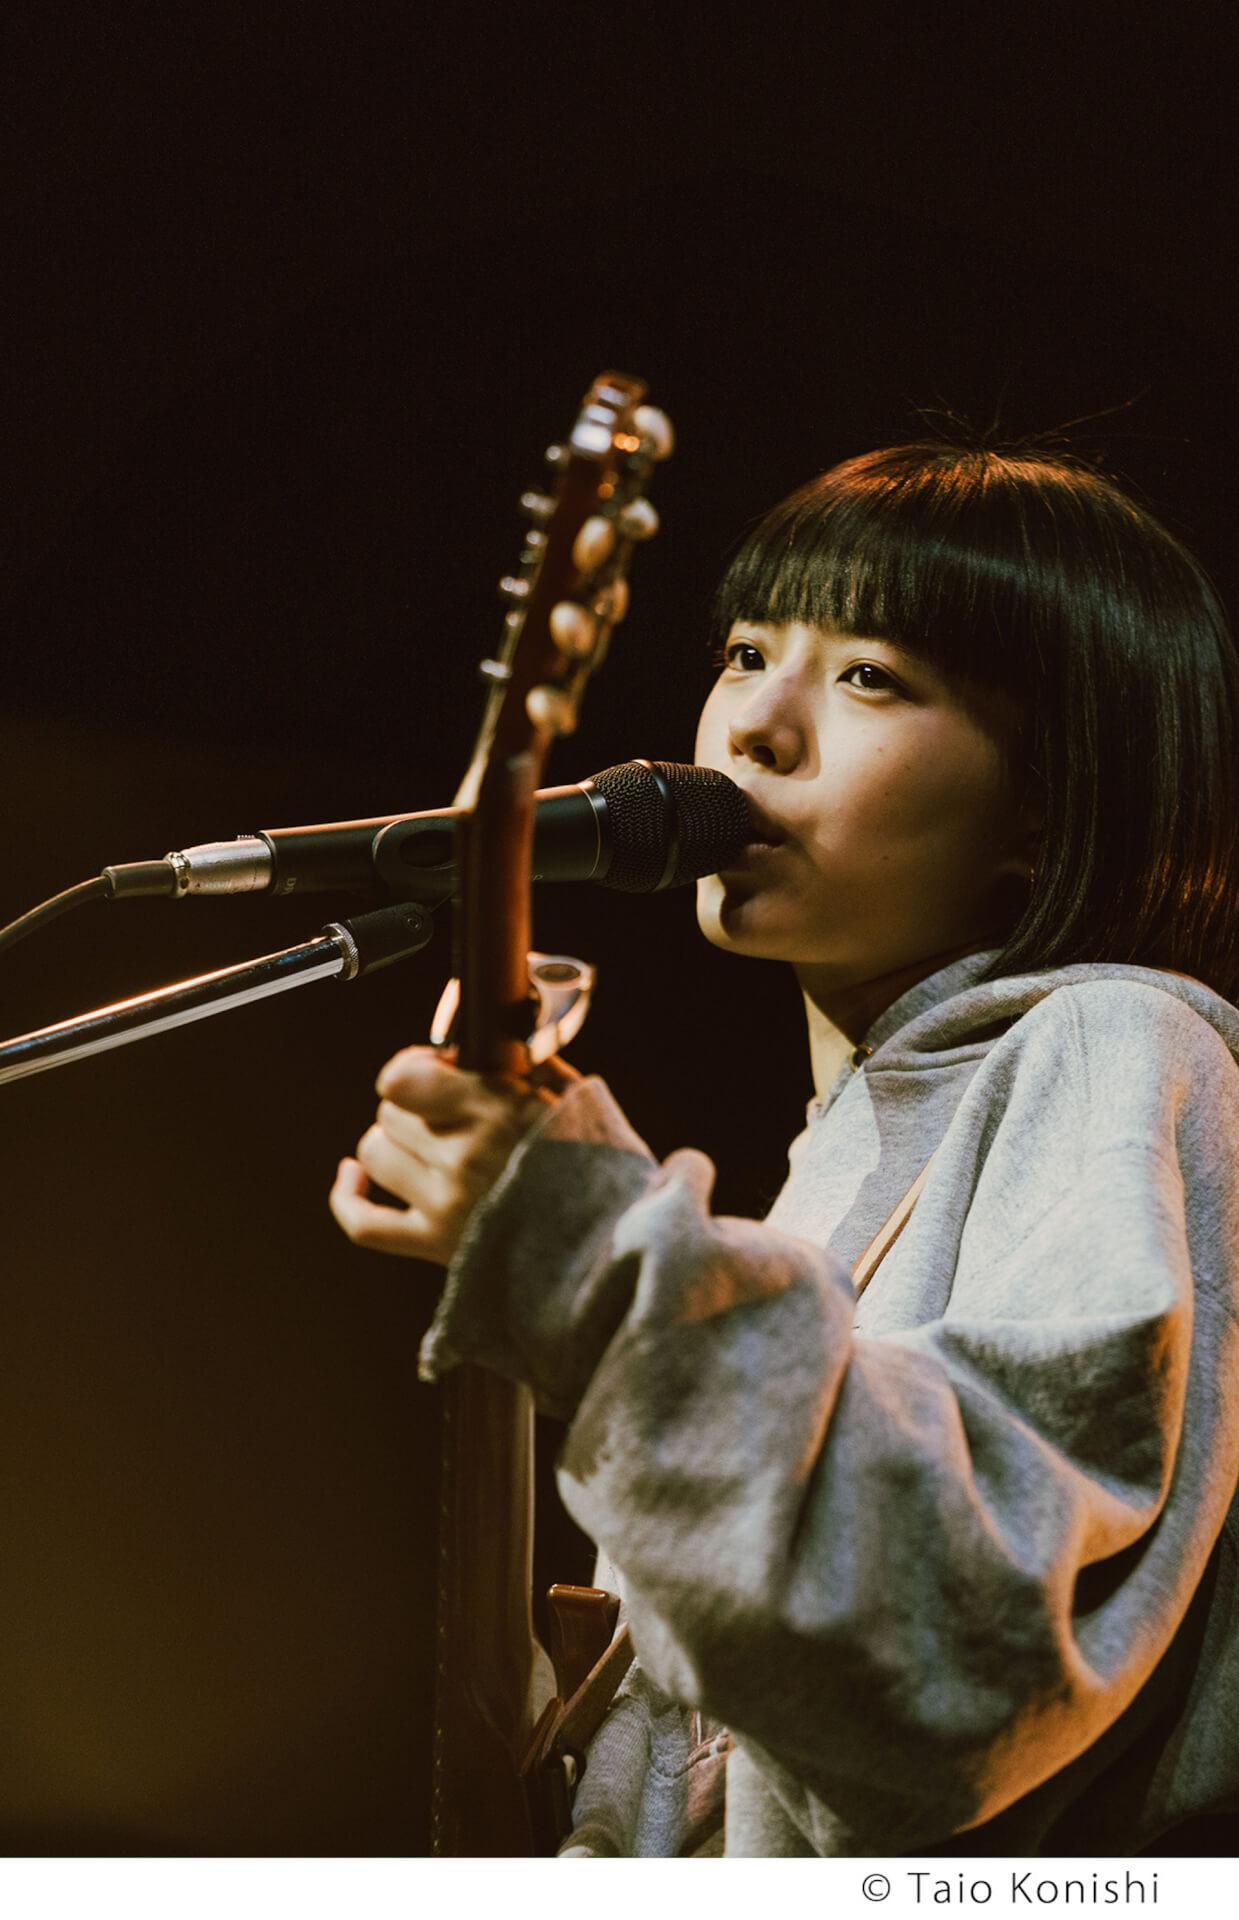 折坂悠太、カネコアヤノ、PUNPEEらが熱演!<KEEP ON FUJI ROCKIN' II >のオフィシャルレポートが公開 music210107_fujirock-012